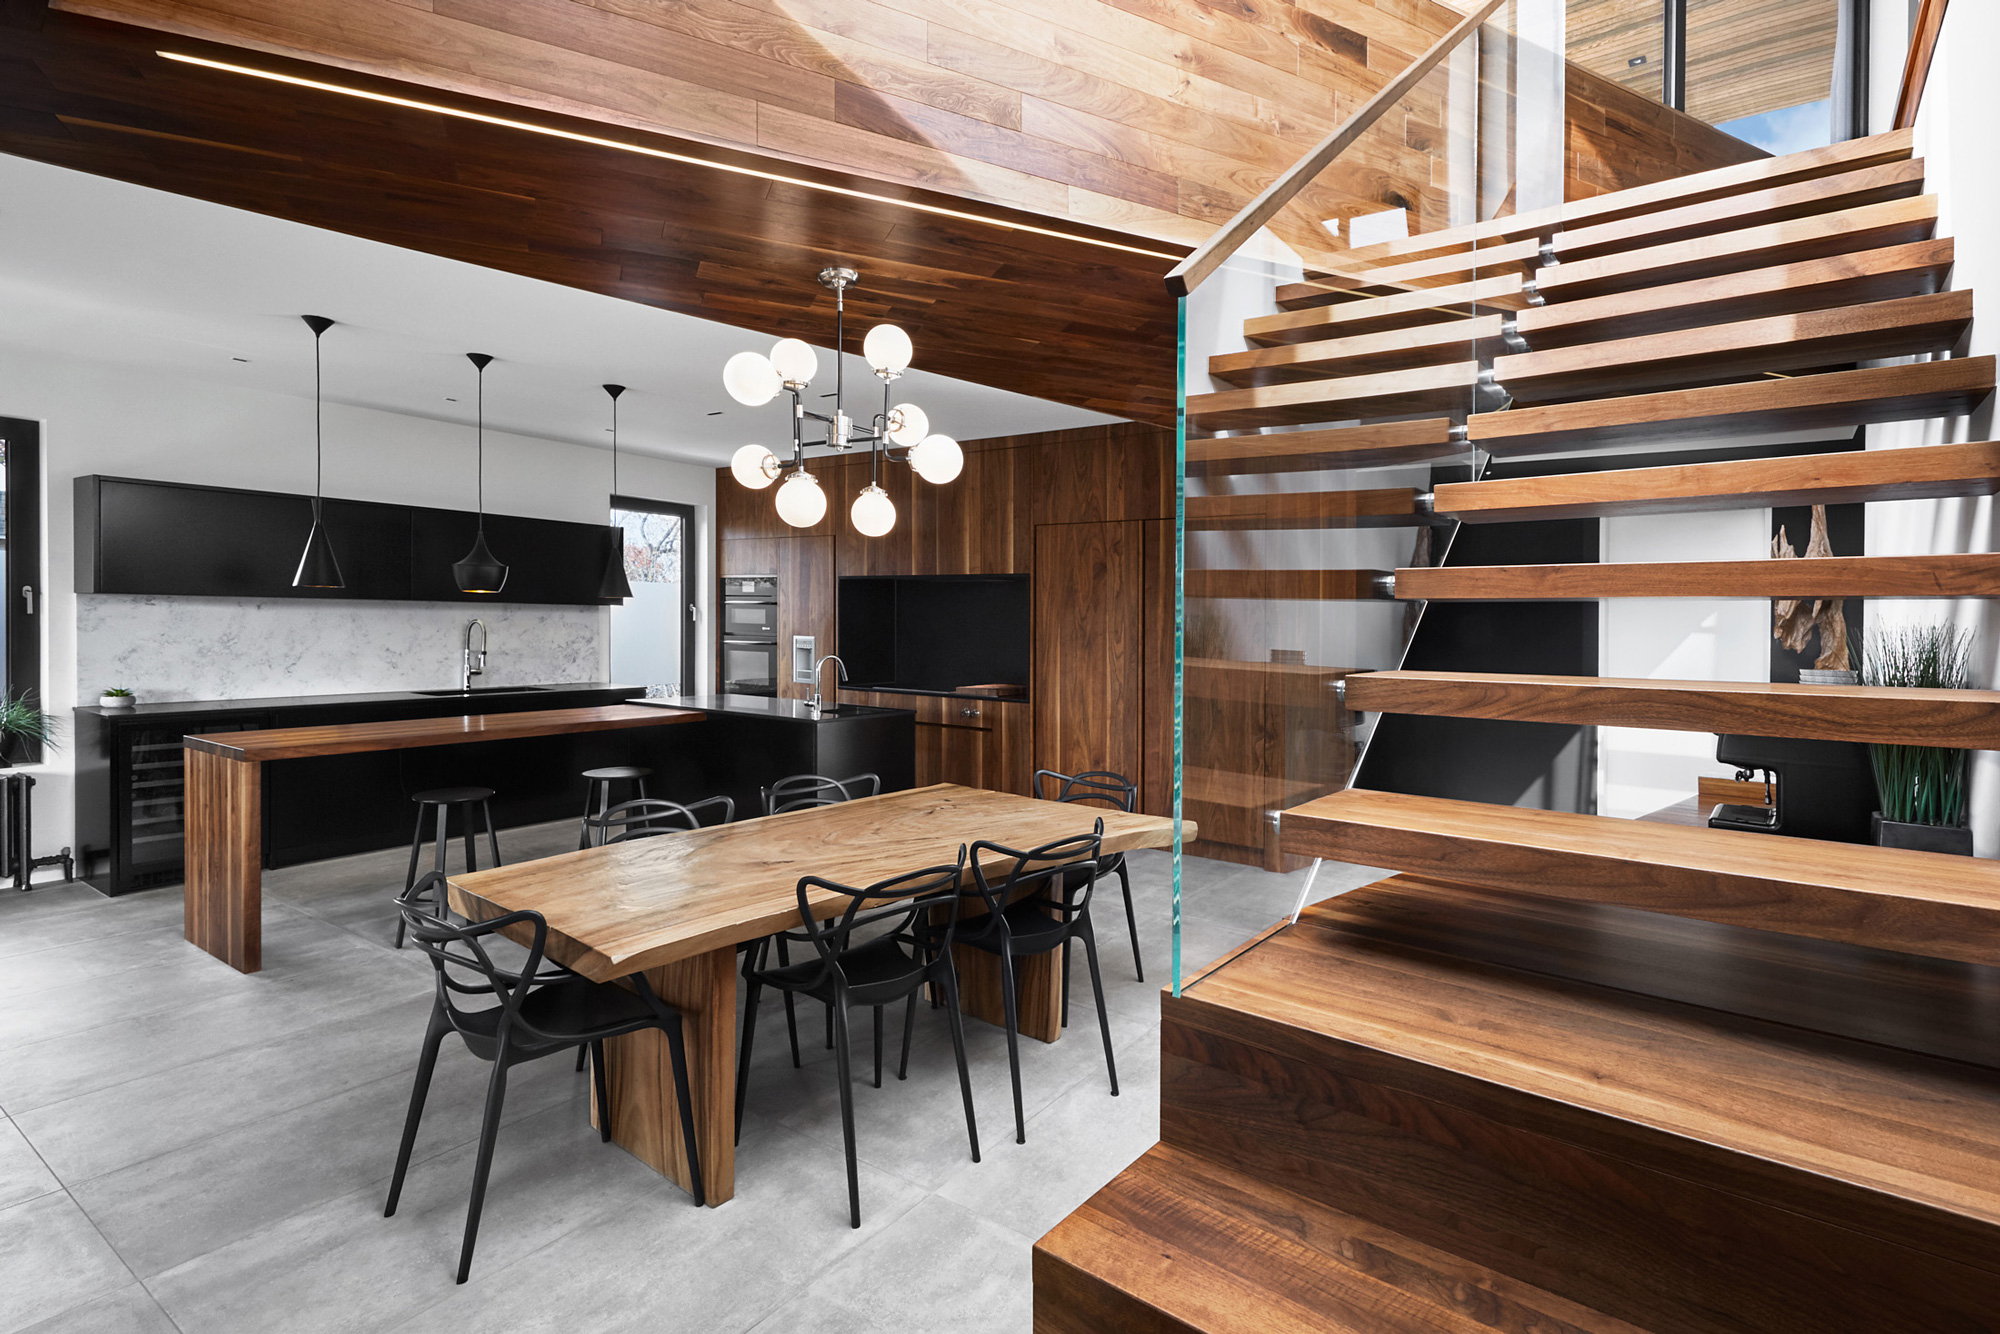 cuisine aire ouverte escalier noyer